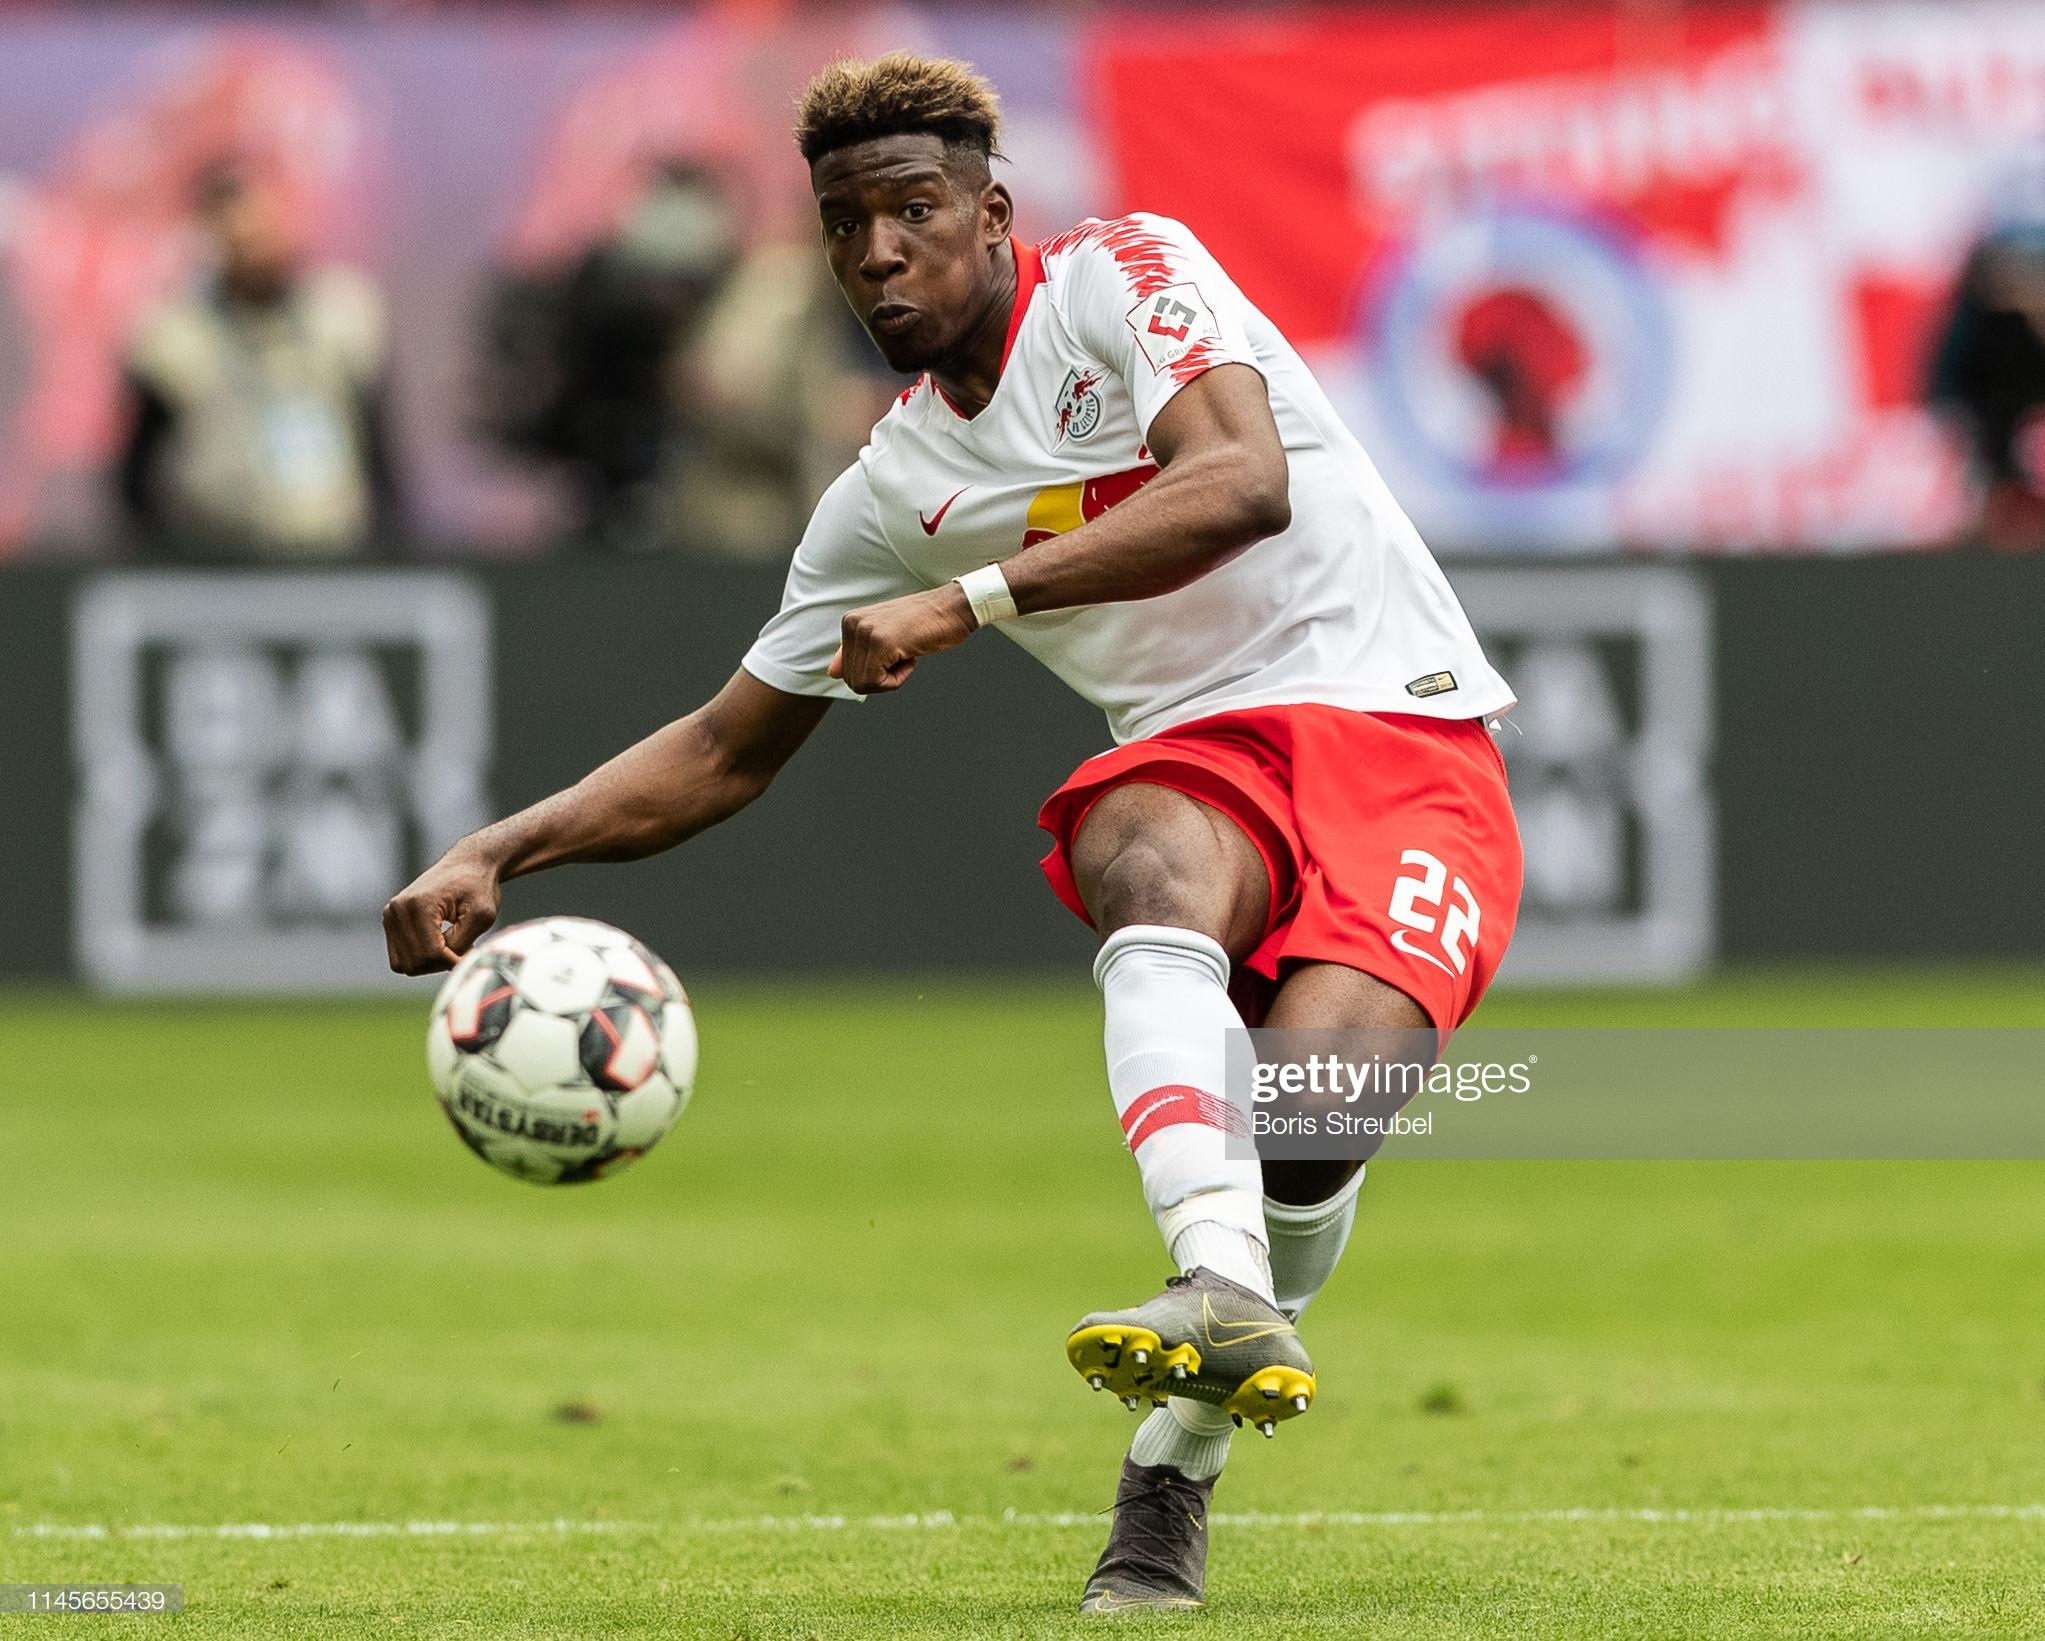 Nordi Mukiele of RB Leipzig